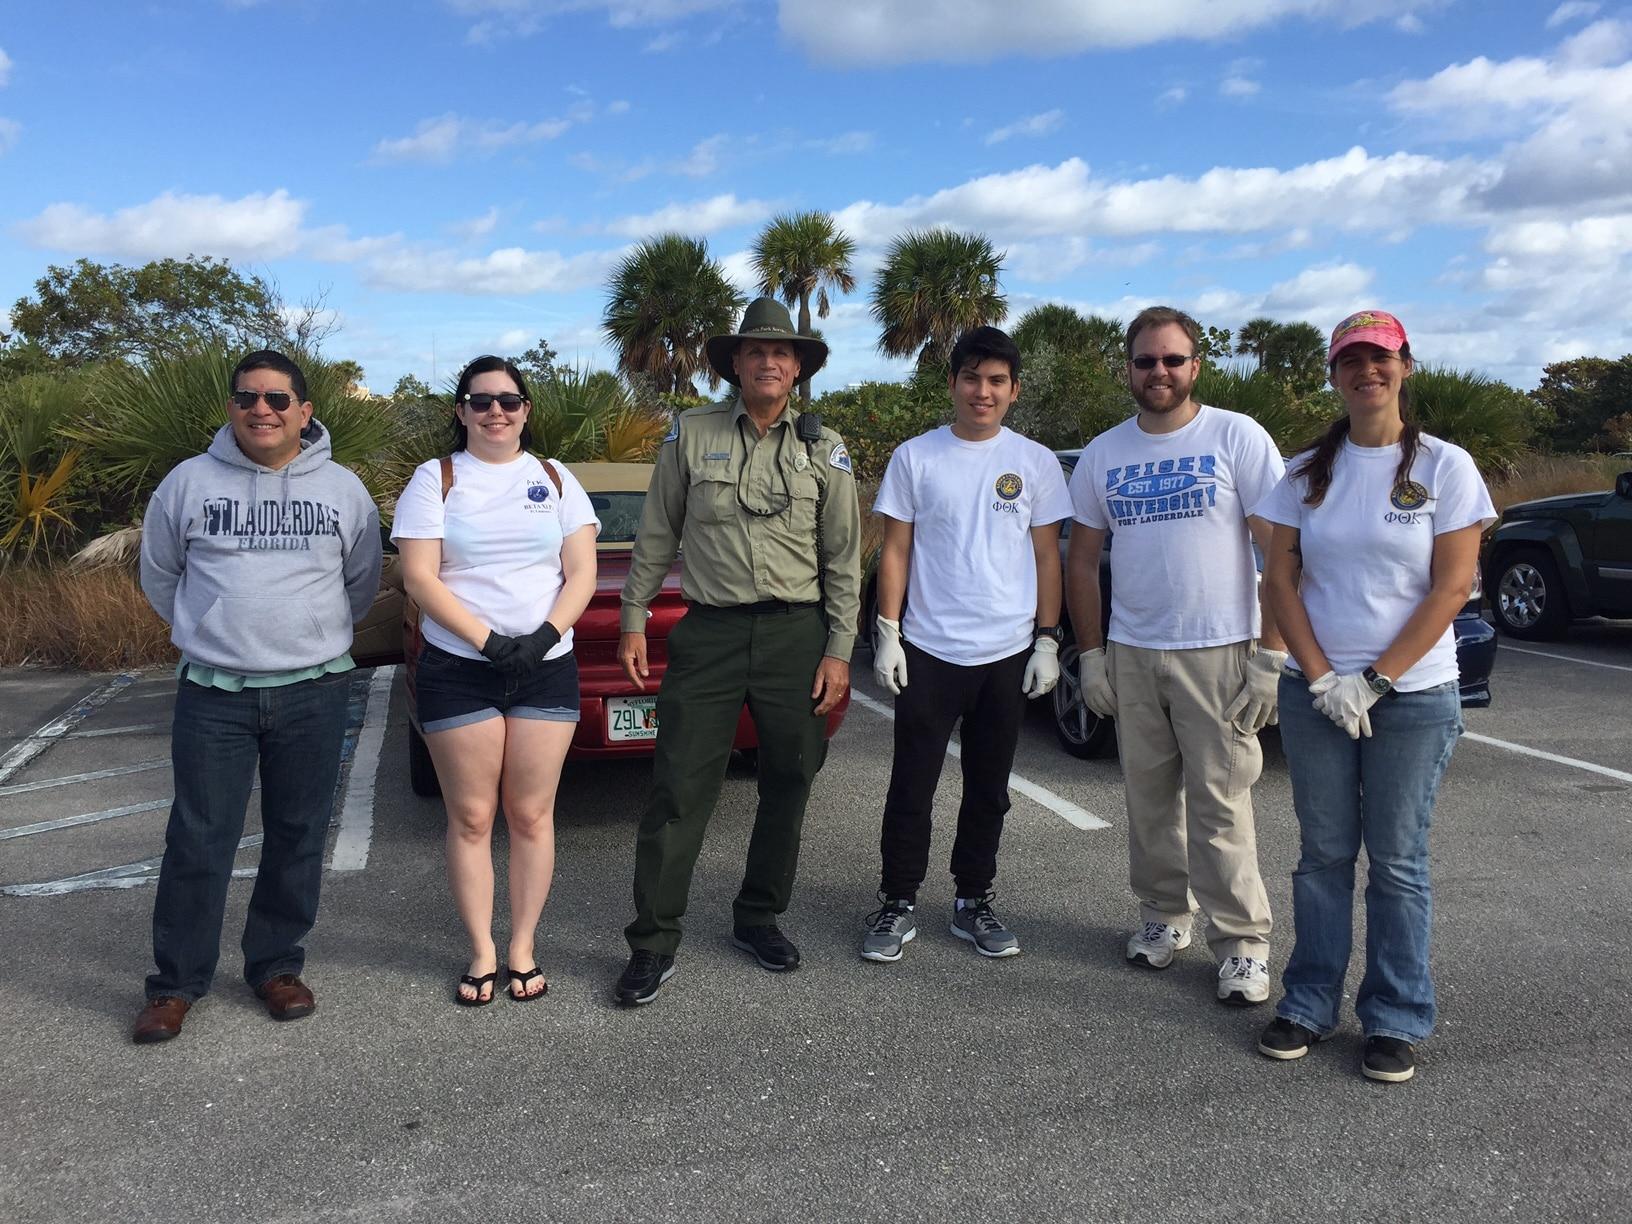 Ft. Lauderdale Phi Theta Kapa Members Participate in a Beach Clean-up